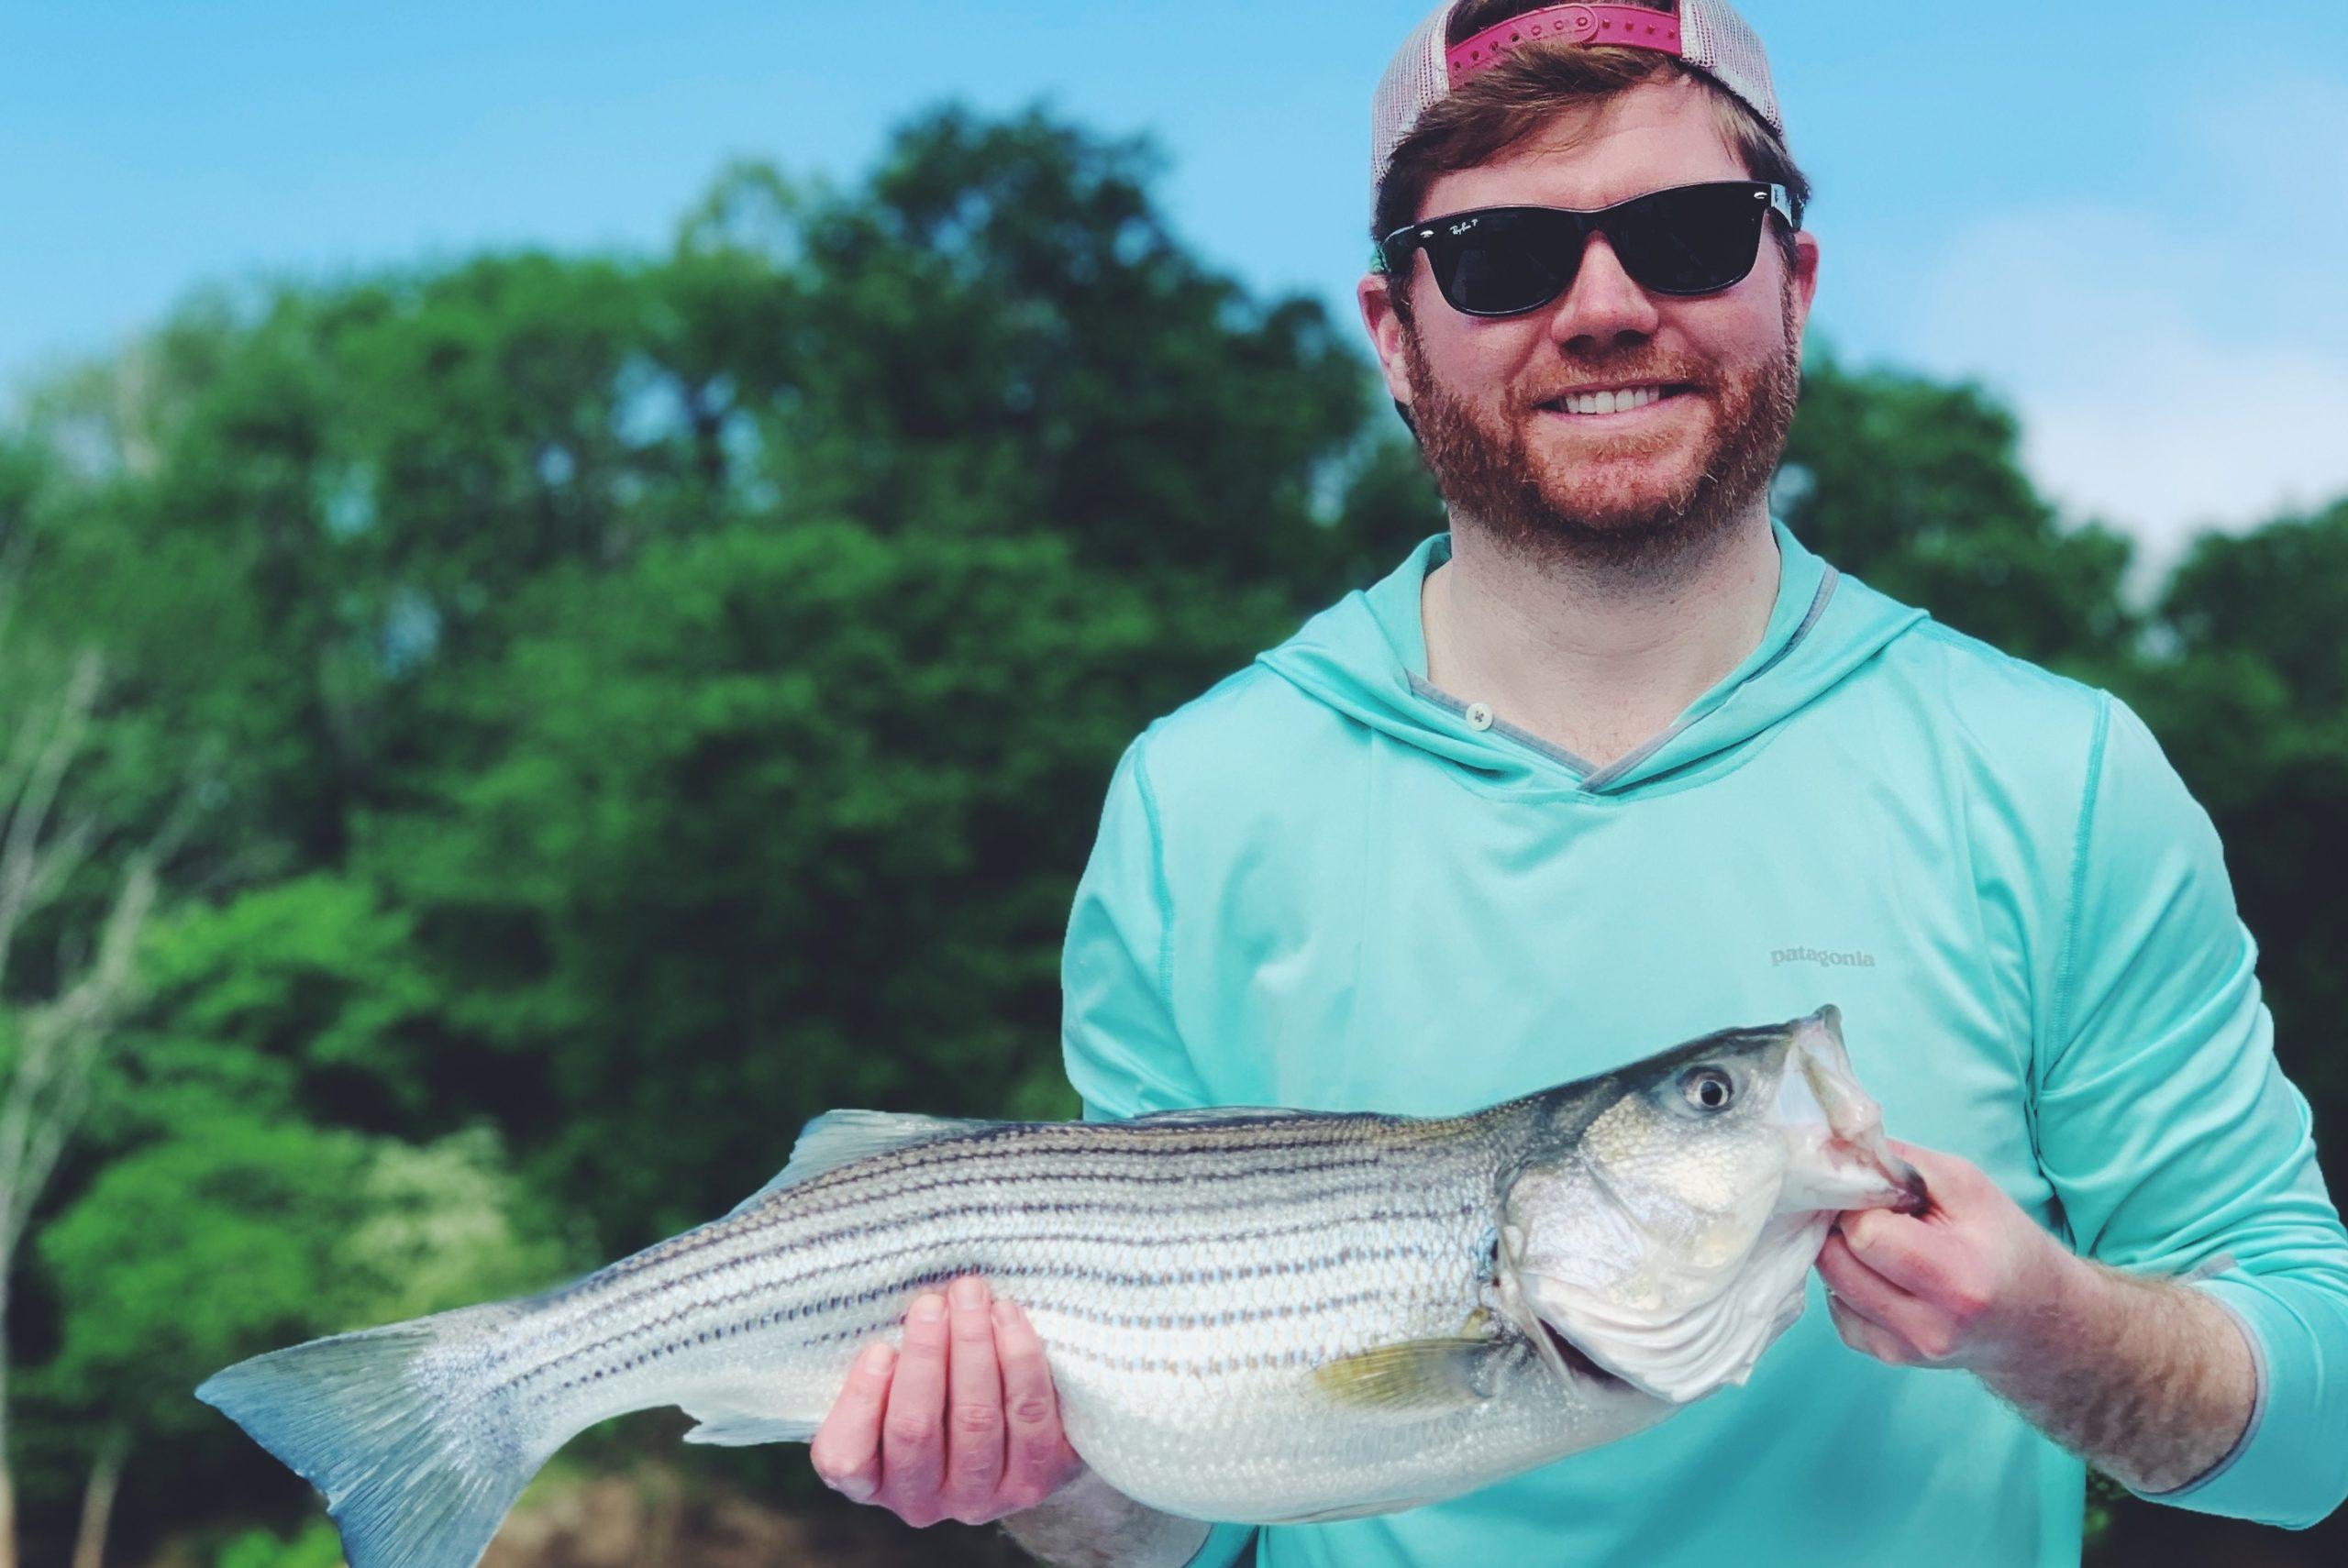 Weldon Striped Bass Sightfish NC